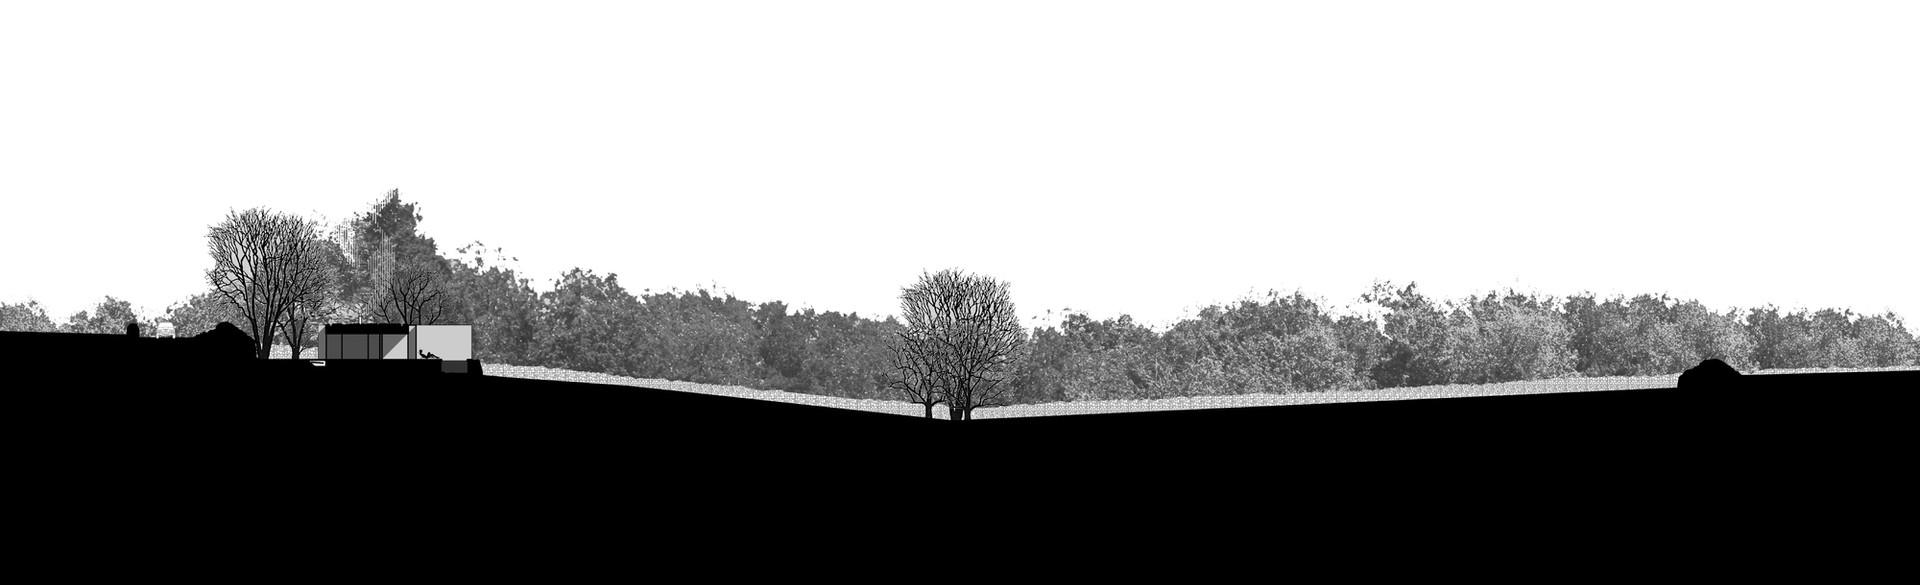 03A COUPE TRANSVERSALE 1_500 ciel blanc.